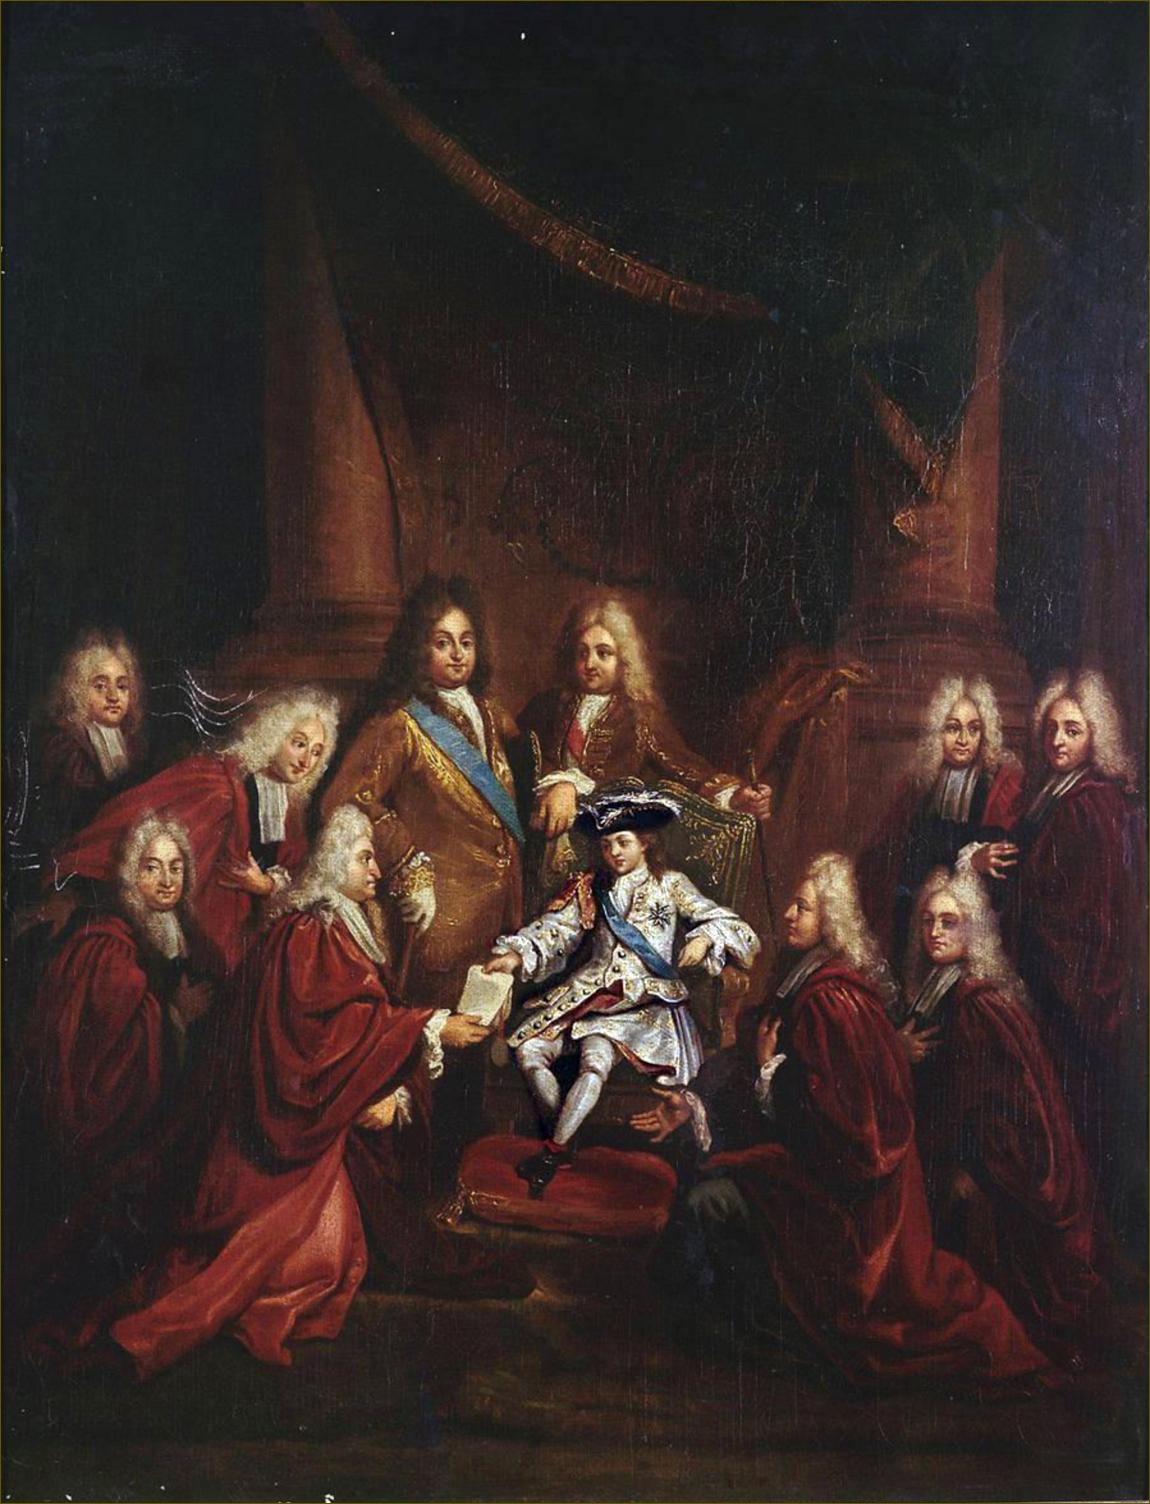 Louis XV, roi de France, à 6 ans, en 1716, accordant des lettres de noblesse à des échevins de la Ville de Paris, en présence de son cousin Philippe, duc d'Orléans, Régent de France, par Louis de Boulogne